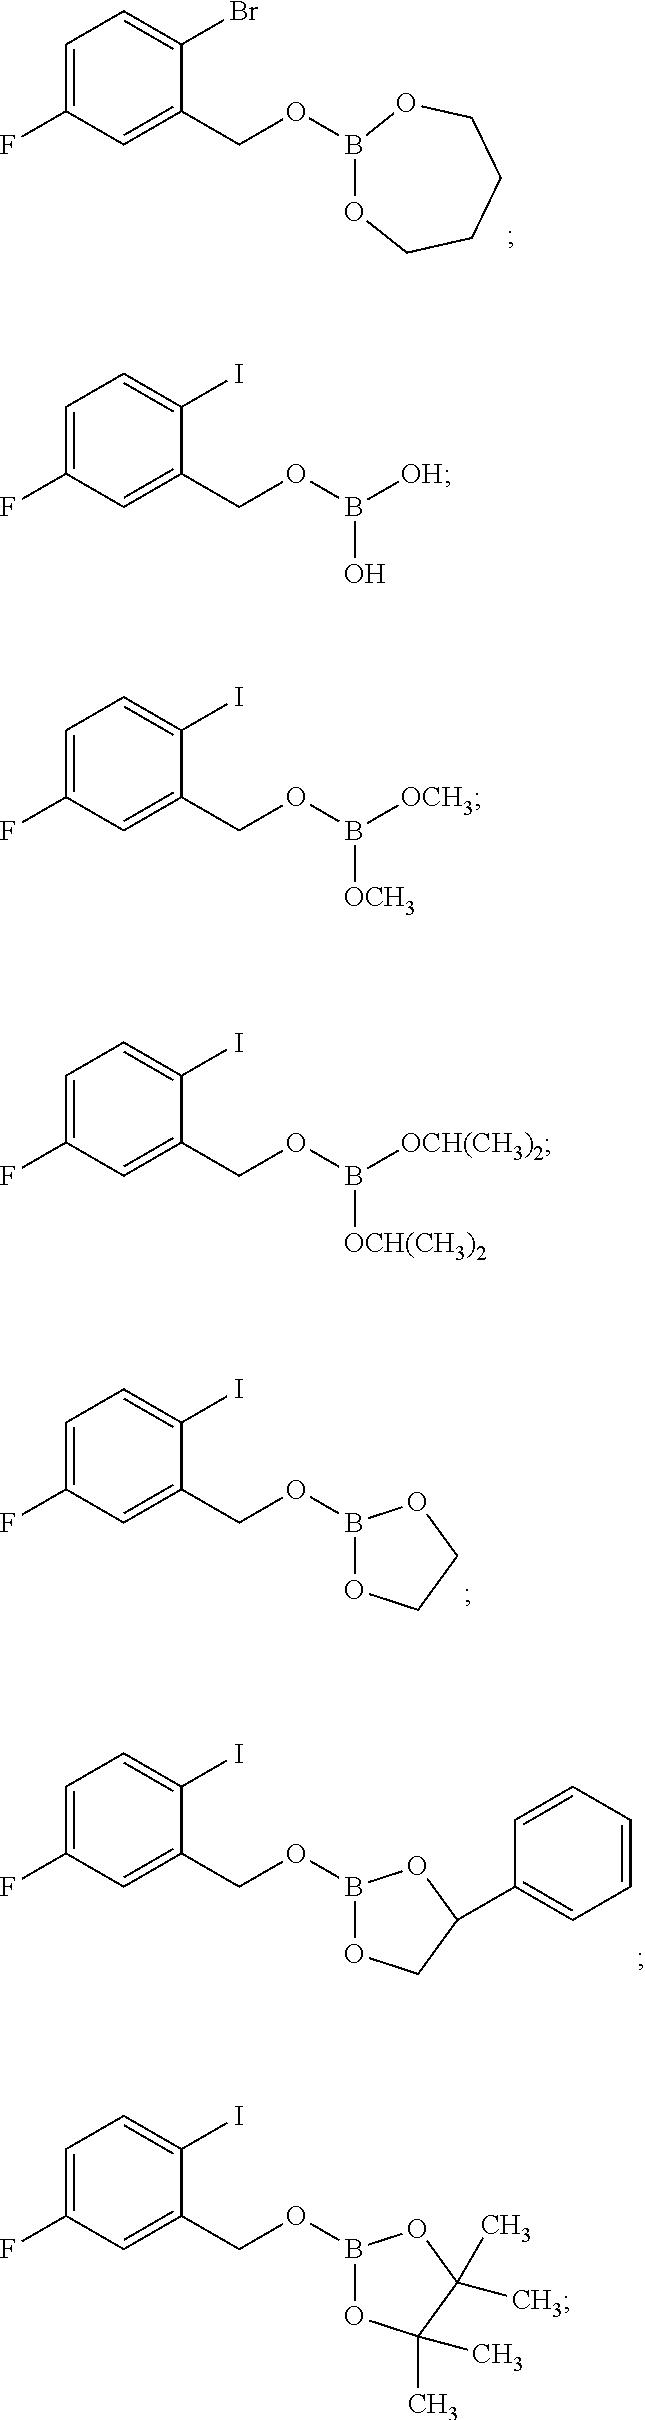 Figure US09353133-20160531-C00107